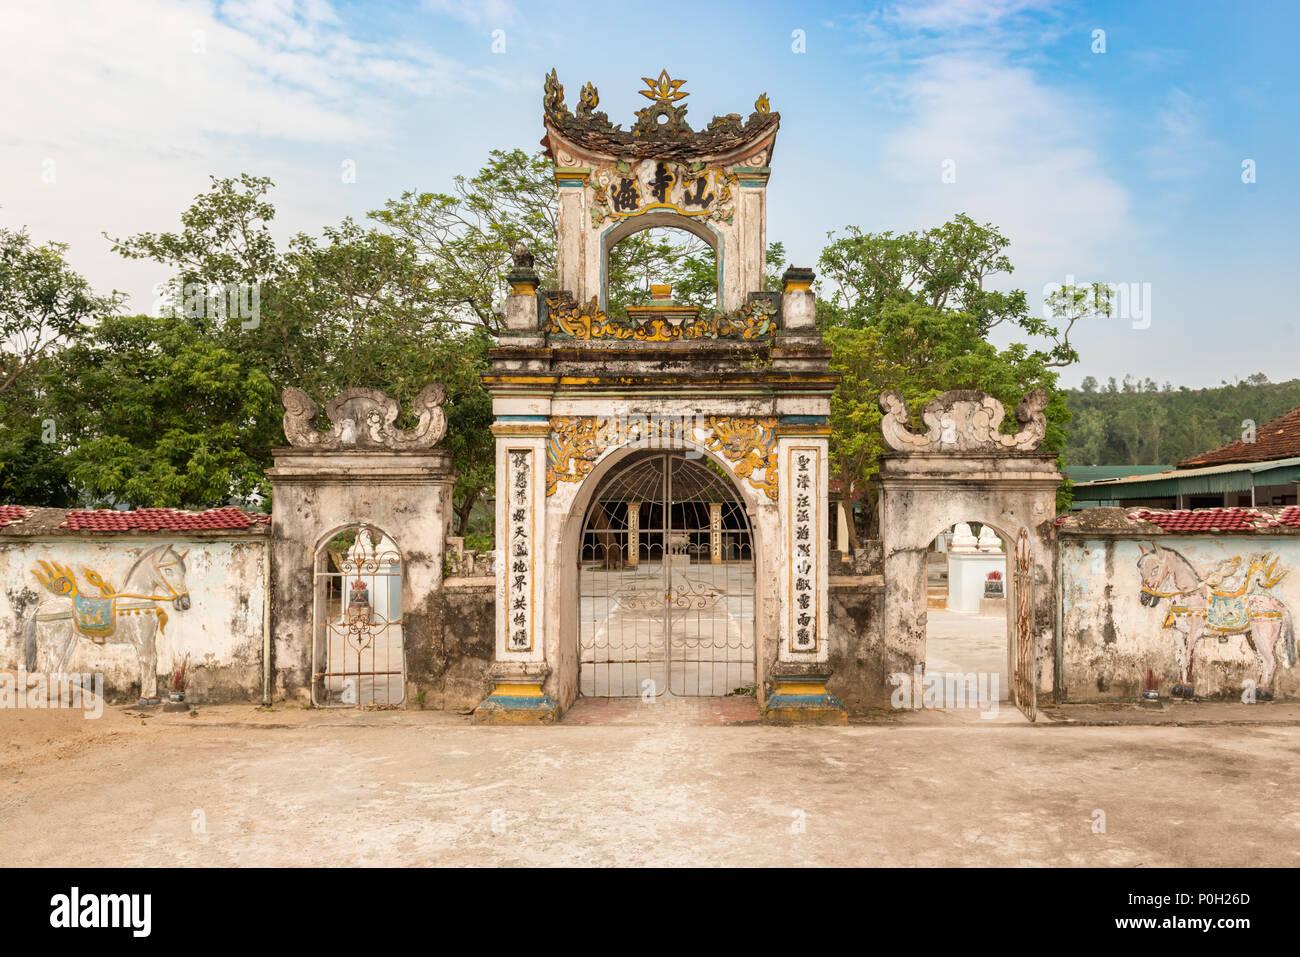 Vinh, Vietnam - October 31, 2017: Entrance gate to Nguyen Xí temple ...